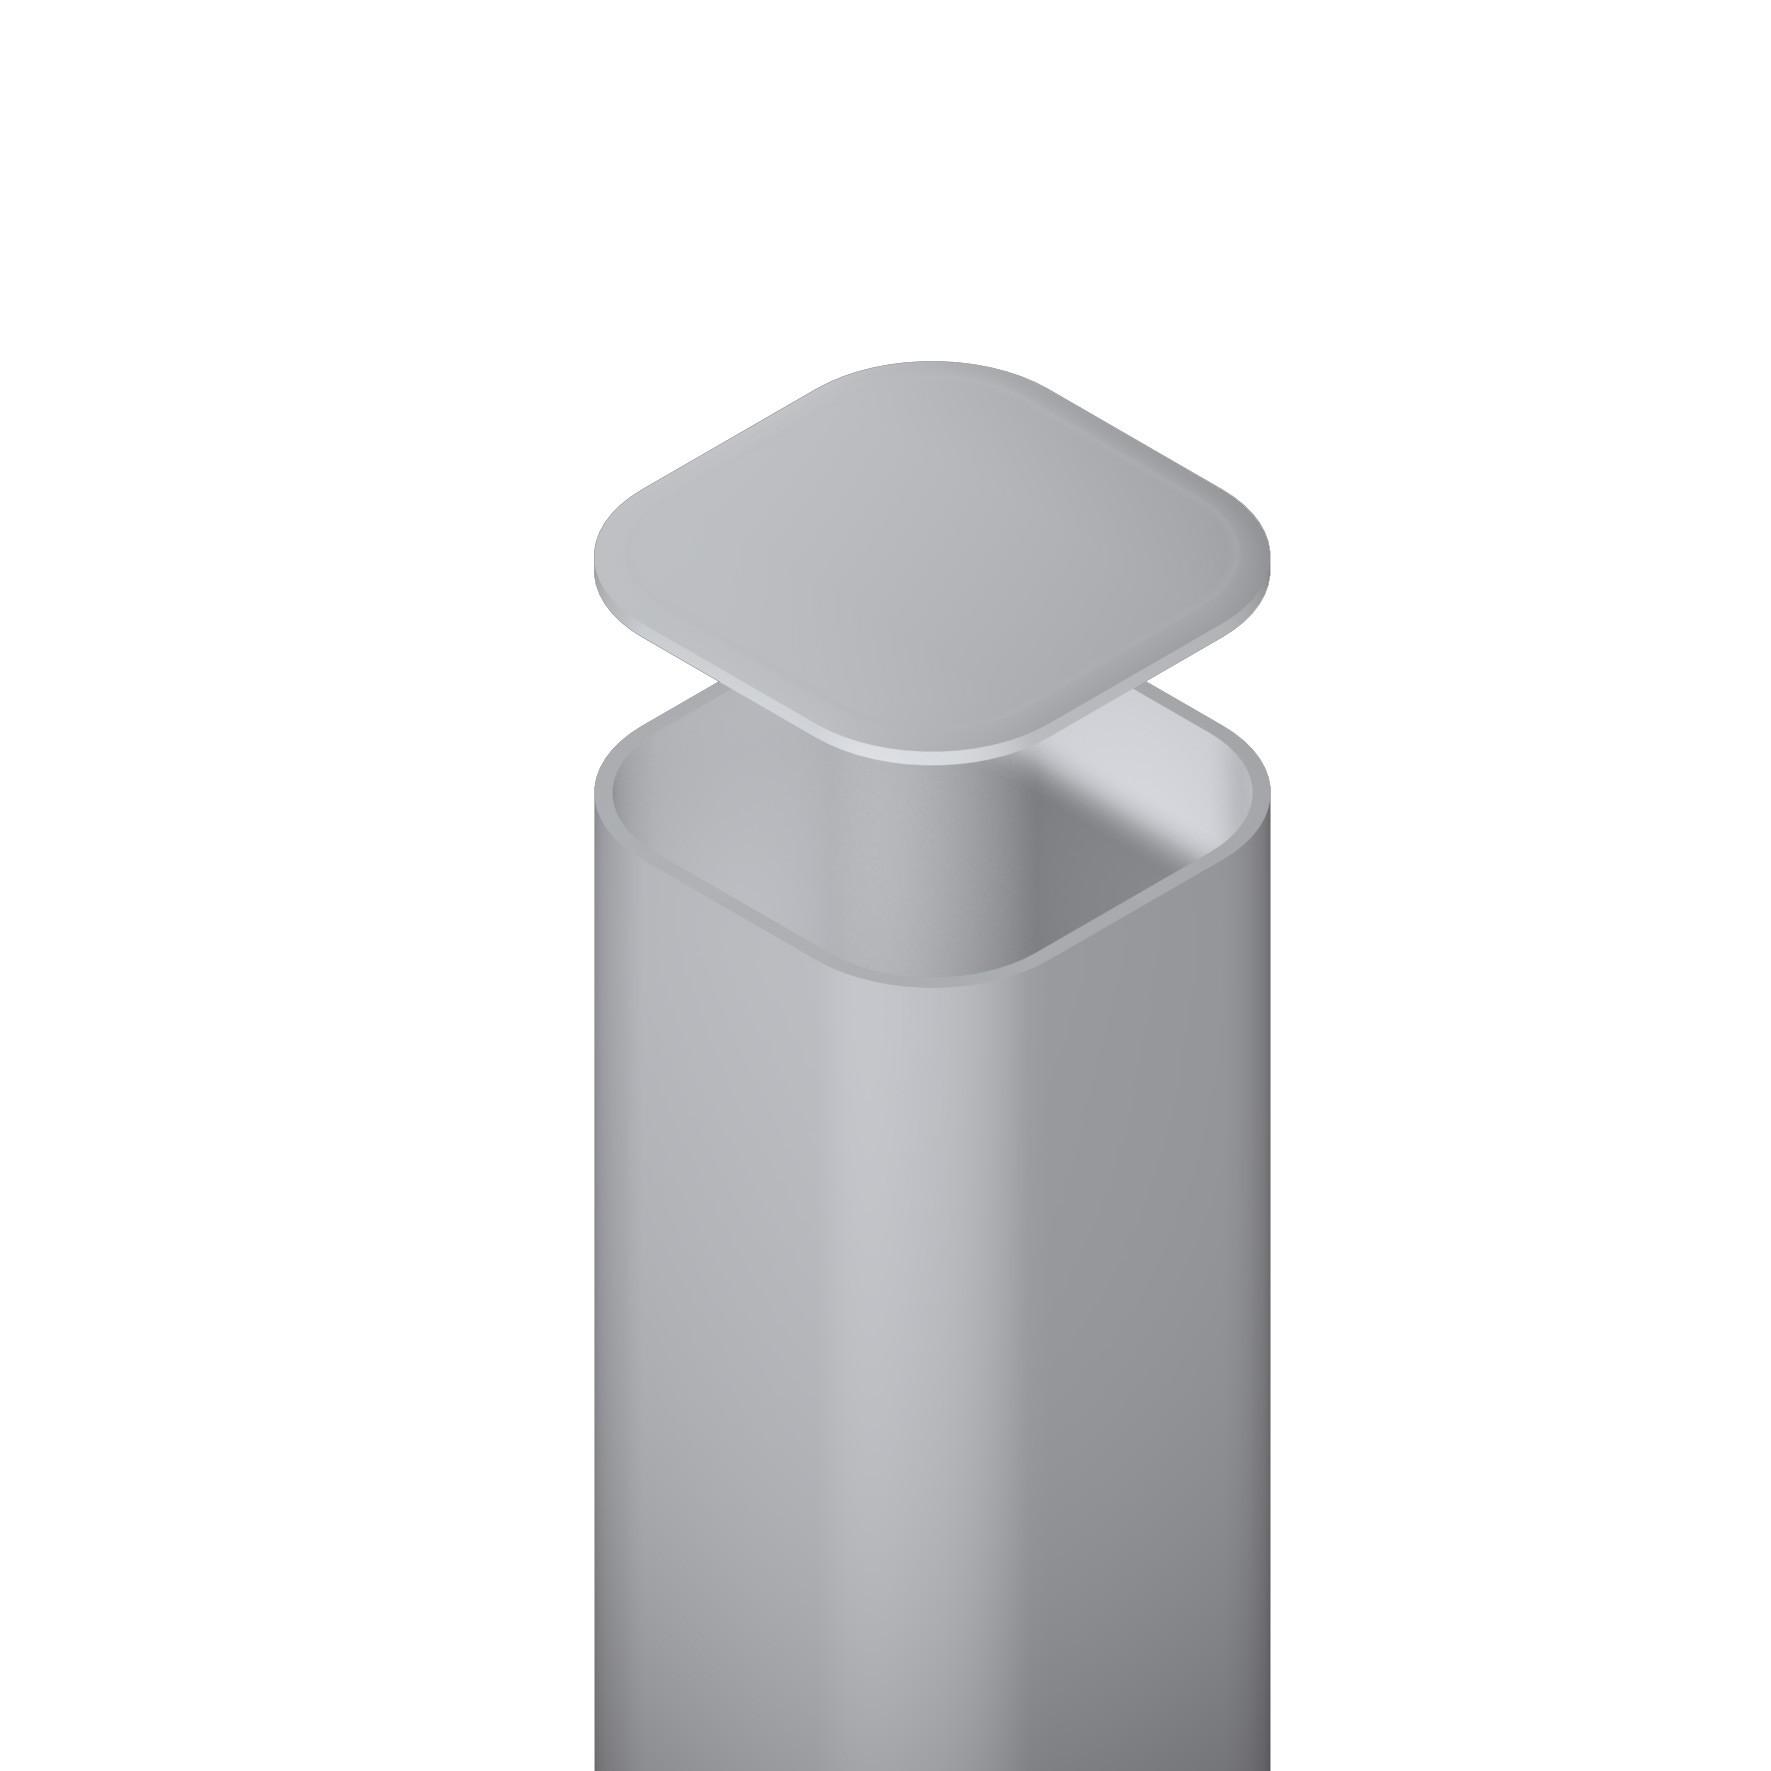 Metallpfosten für Zaun zum Einbetonieren silber 7x7x150cm Bild 1